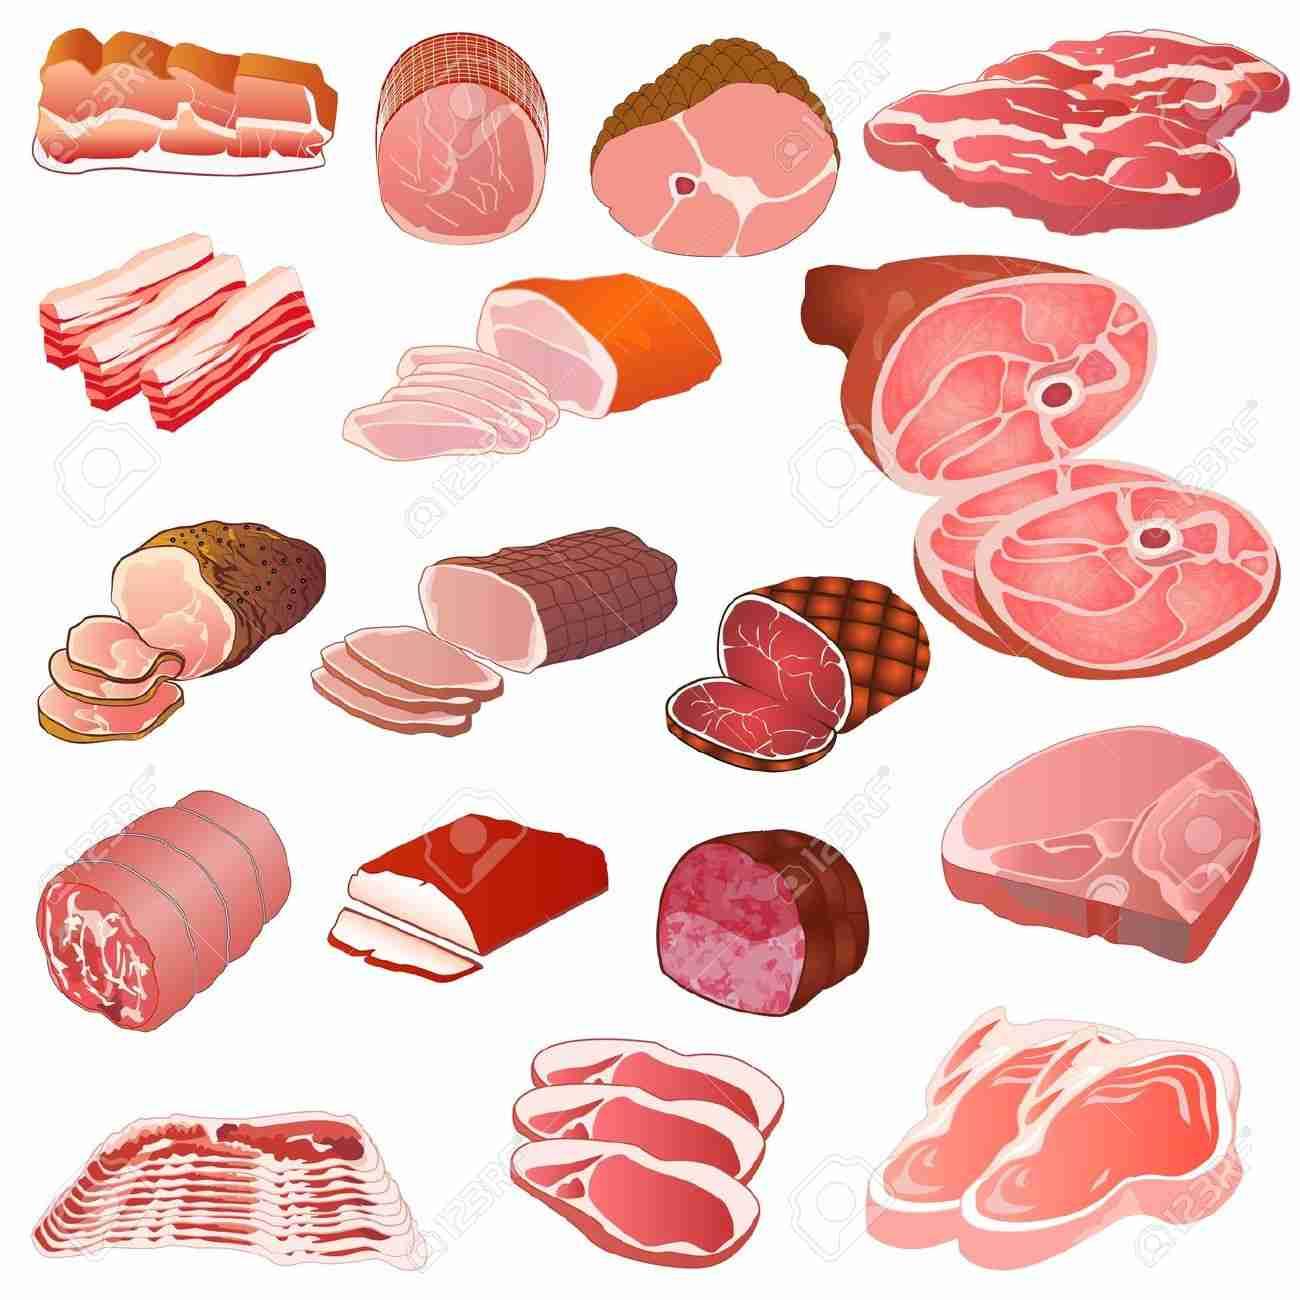 加工肉どれぐらい食べますか?